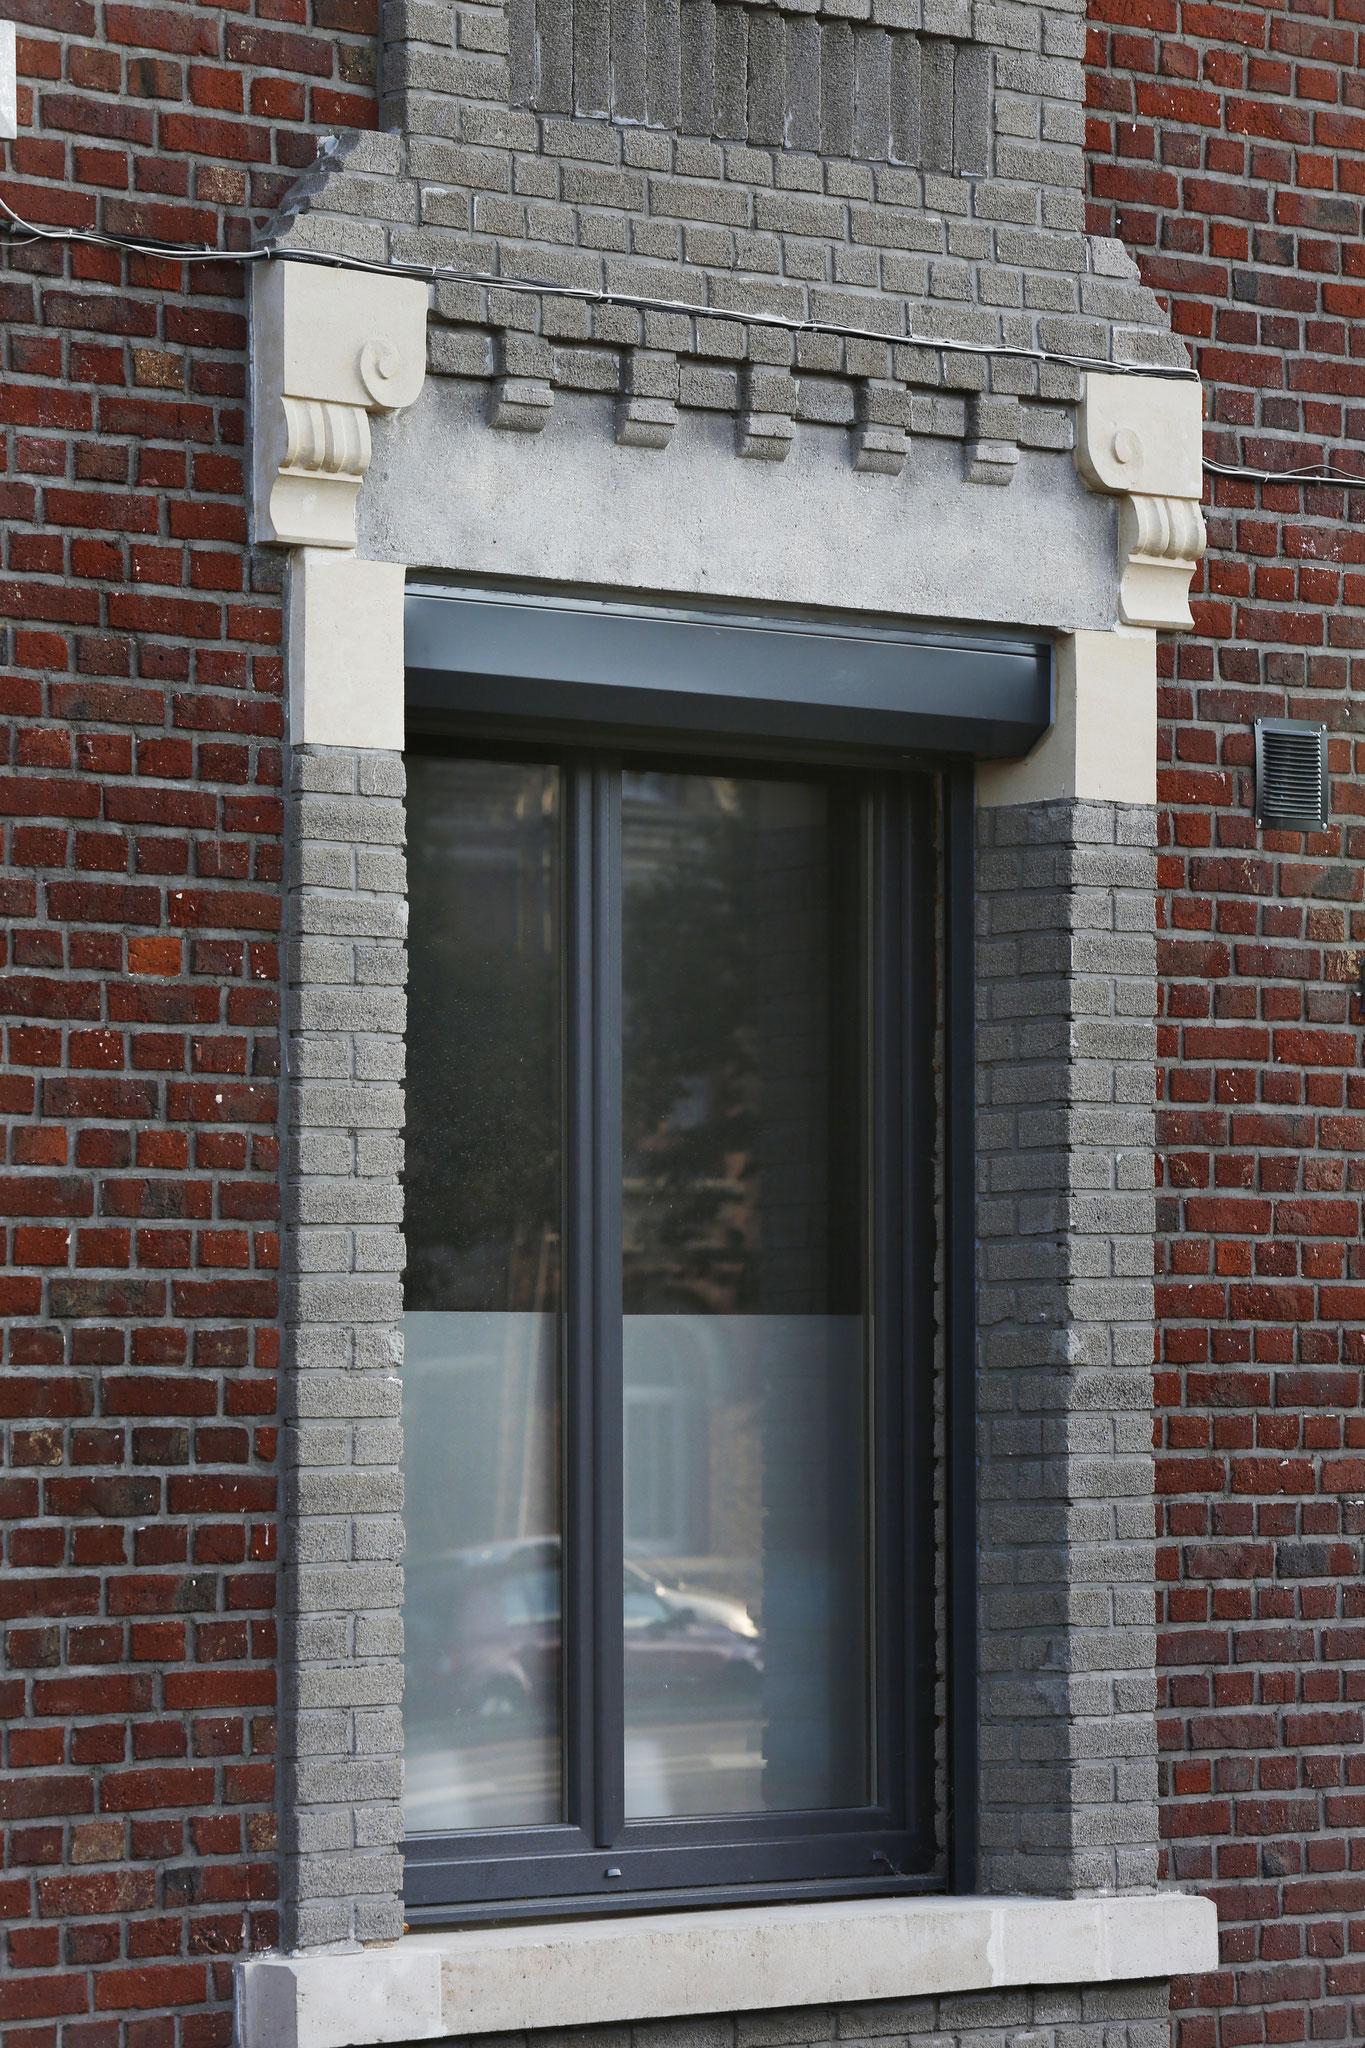 Claustra Bois Lames Orientables volets - sbi fenêtres et portes pvc -alu-bois-mixte stores